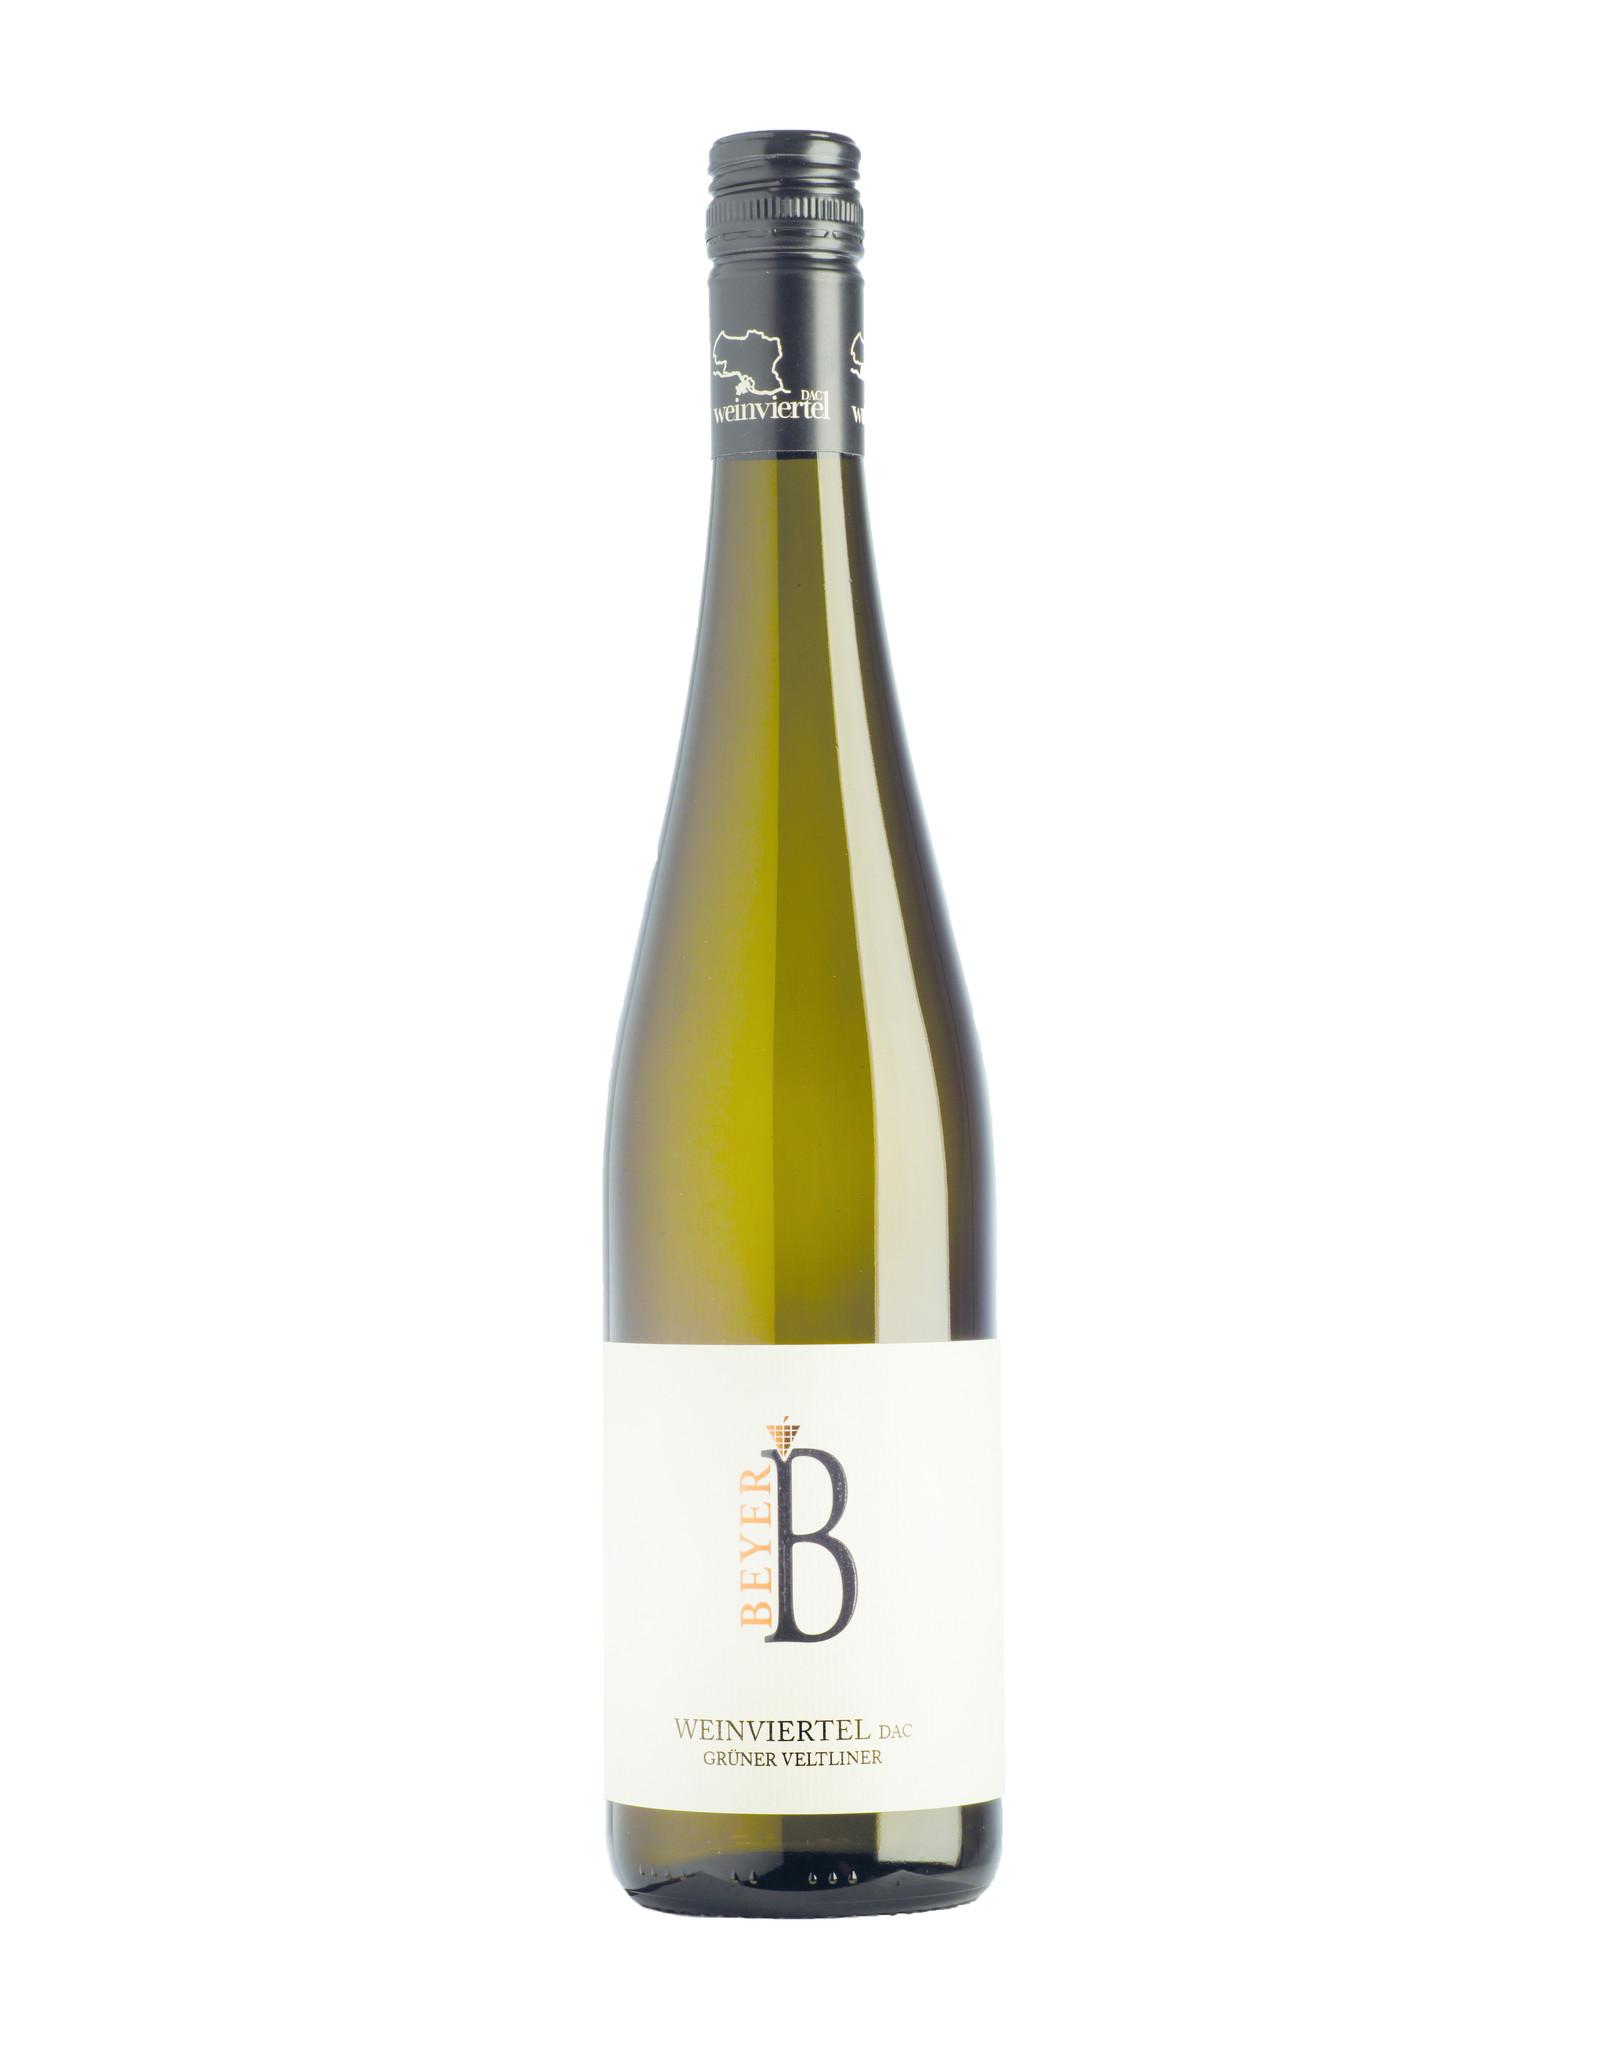 Beyer Beyer - Weinviertel DAC Grüner Veltliner 2018